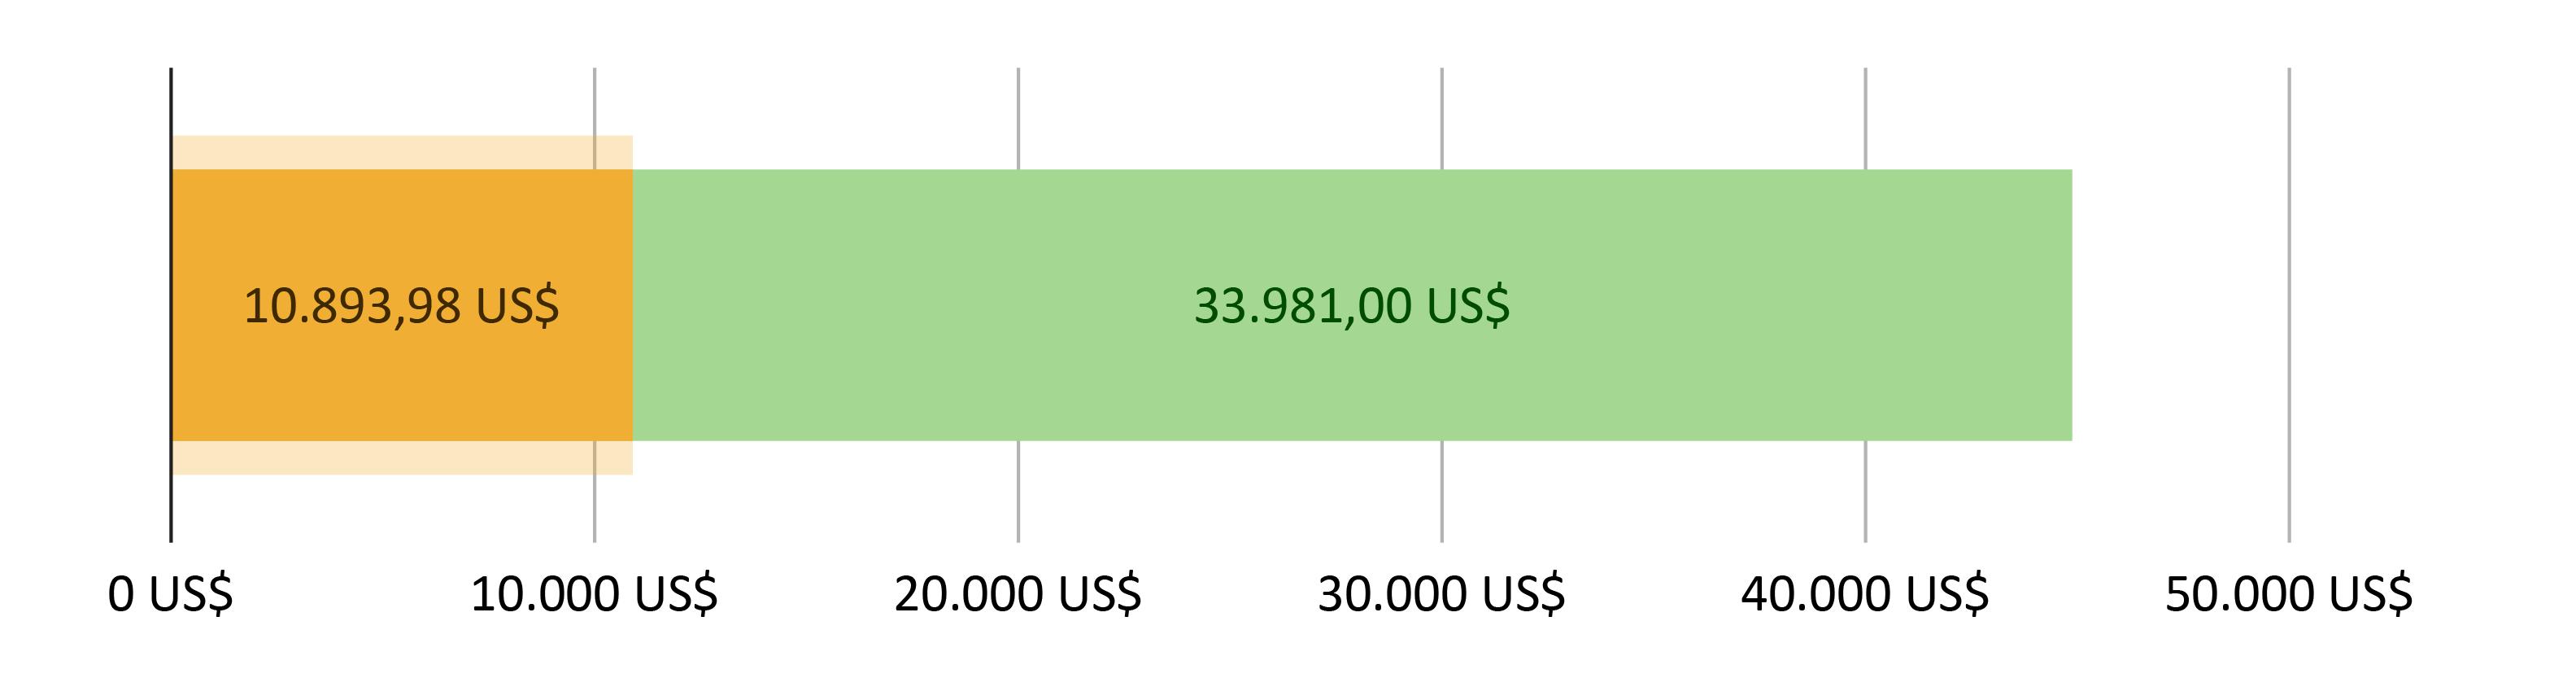 10.893,98 US$ spesi; 33.981,00 US$ rimanenti